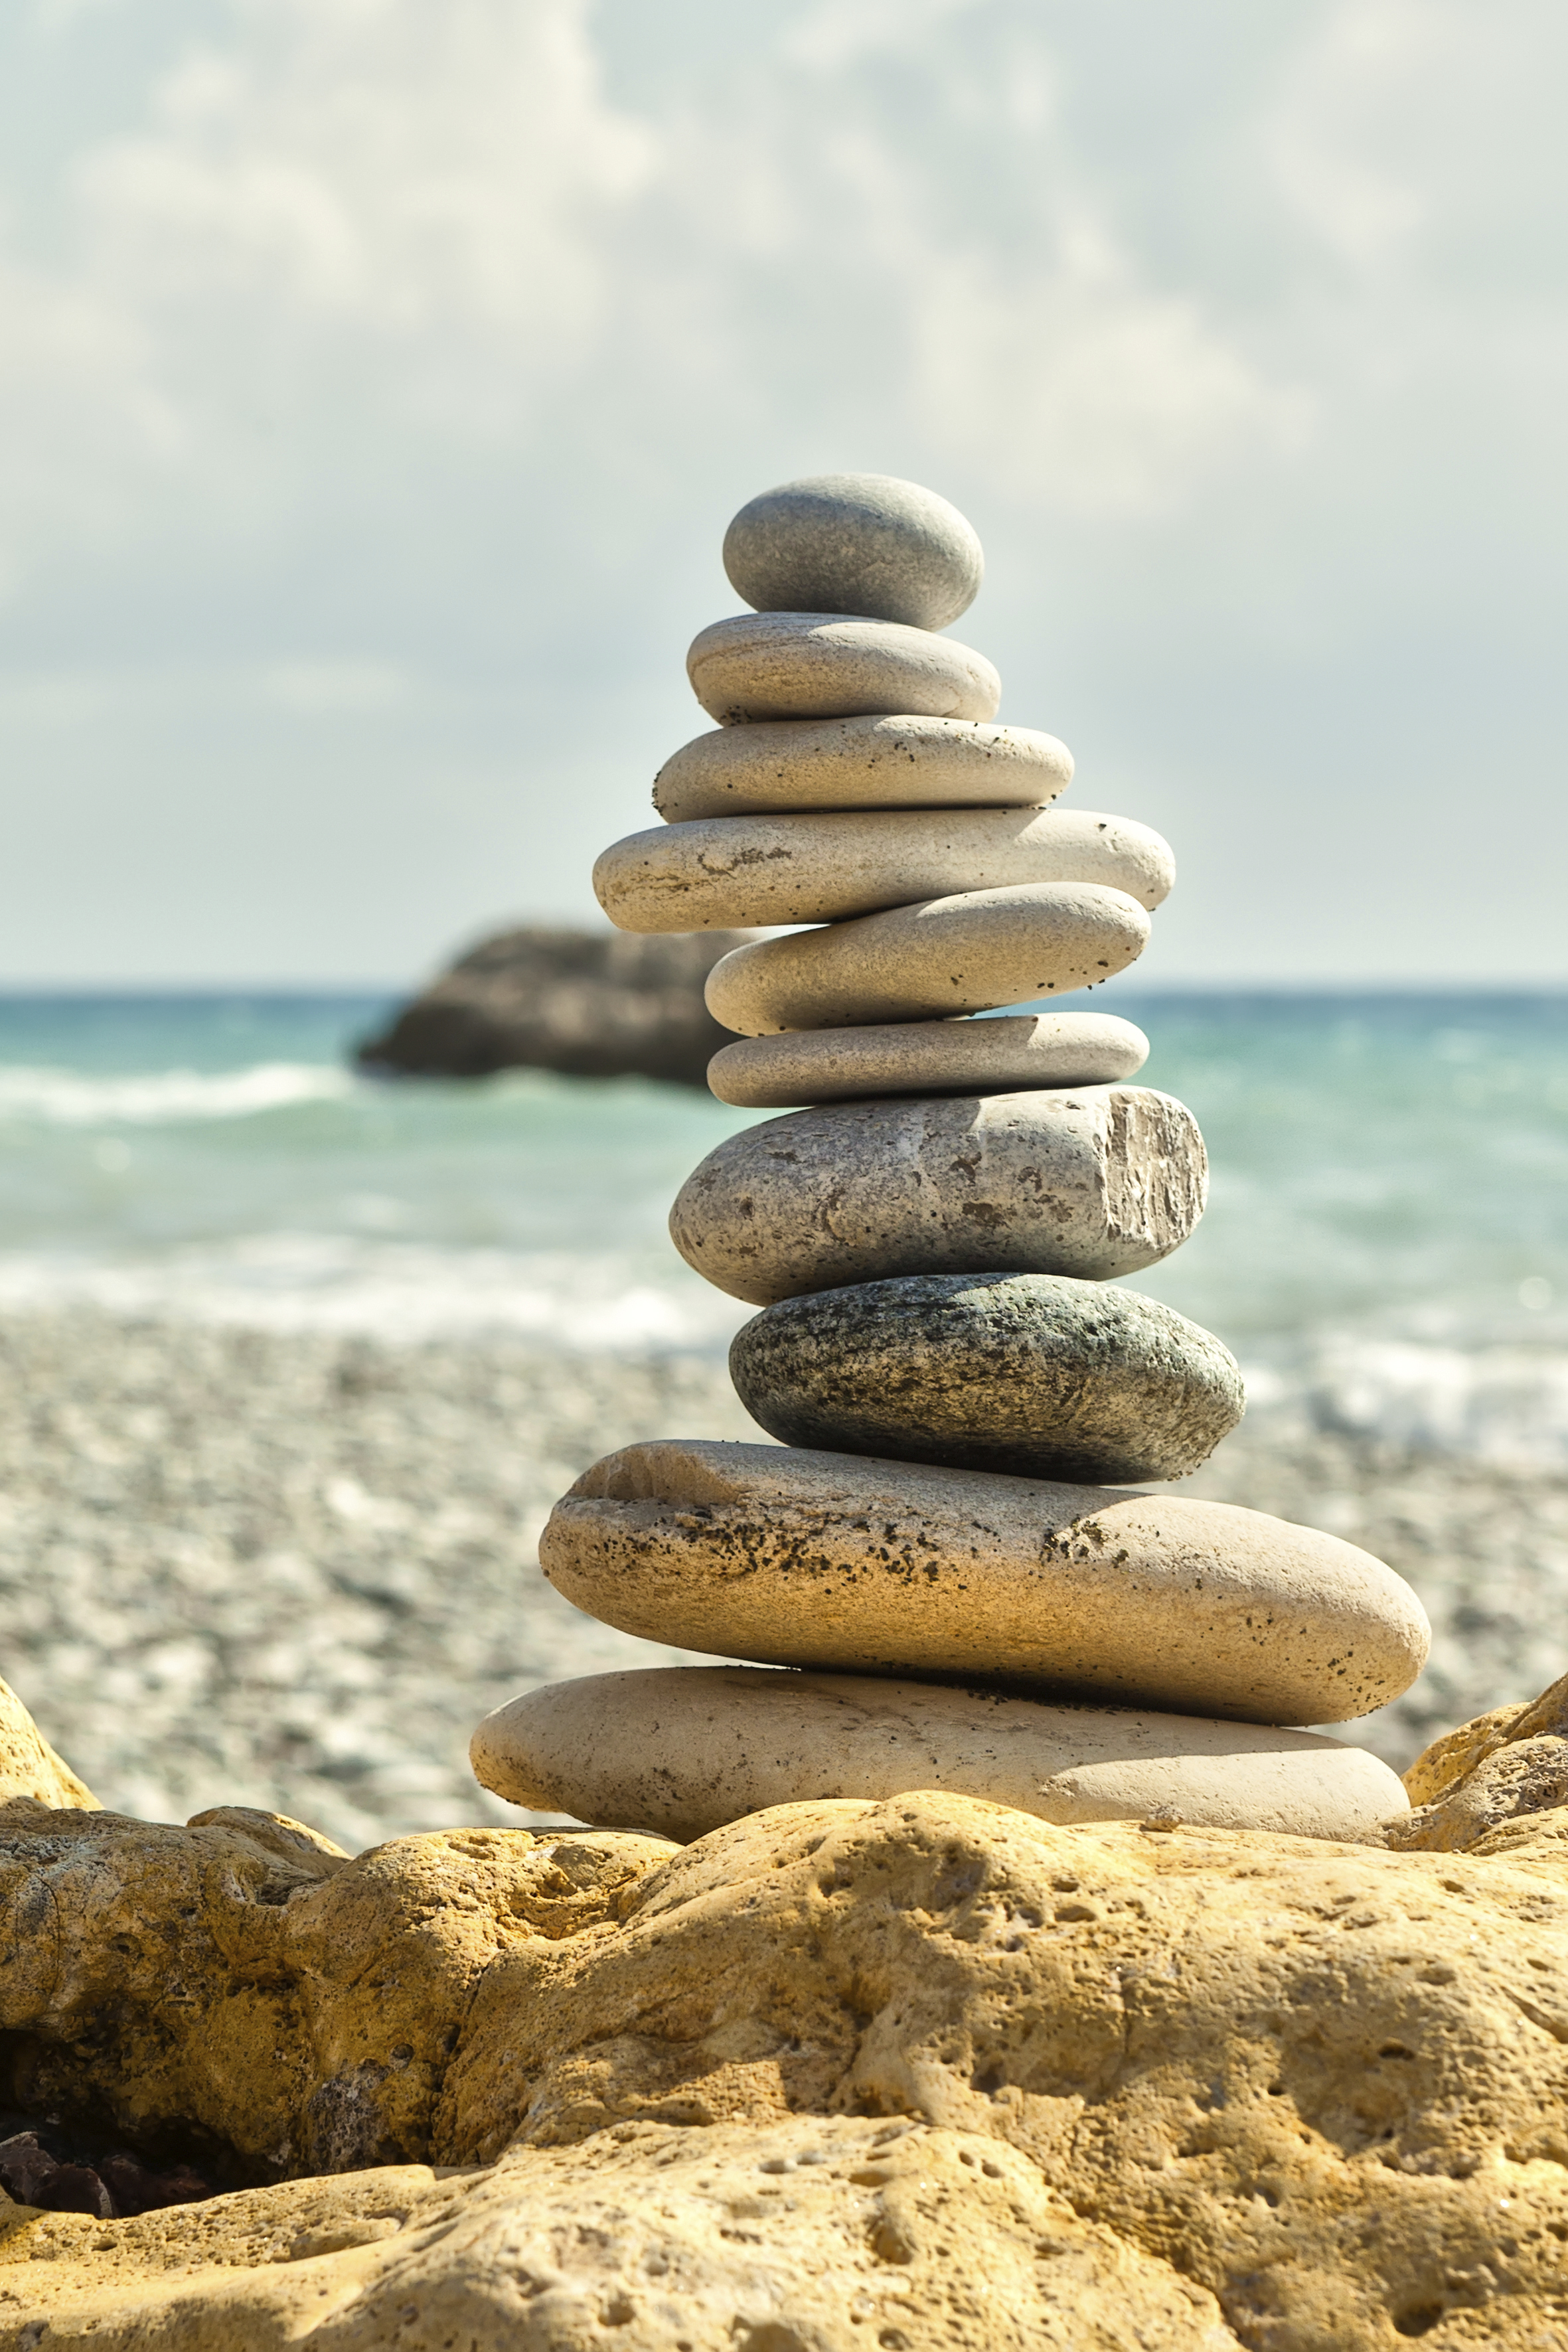 Olive Branch Chiropractic Chiropractor Courtney Stanley Meltvedt San Diego Ocean Beach 92107 1502